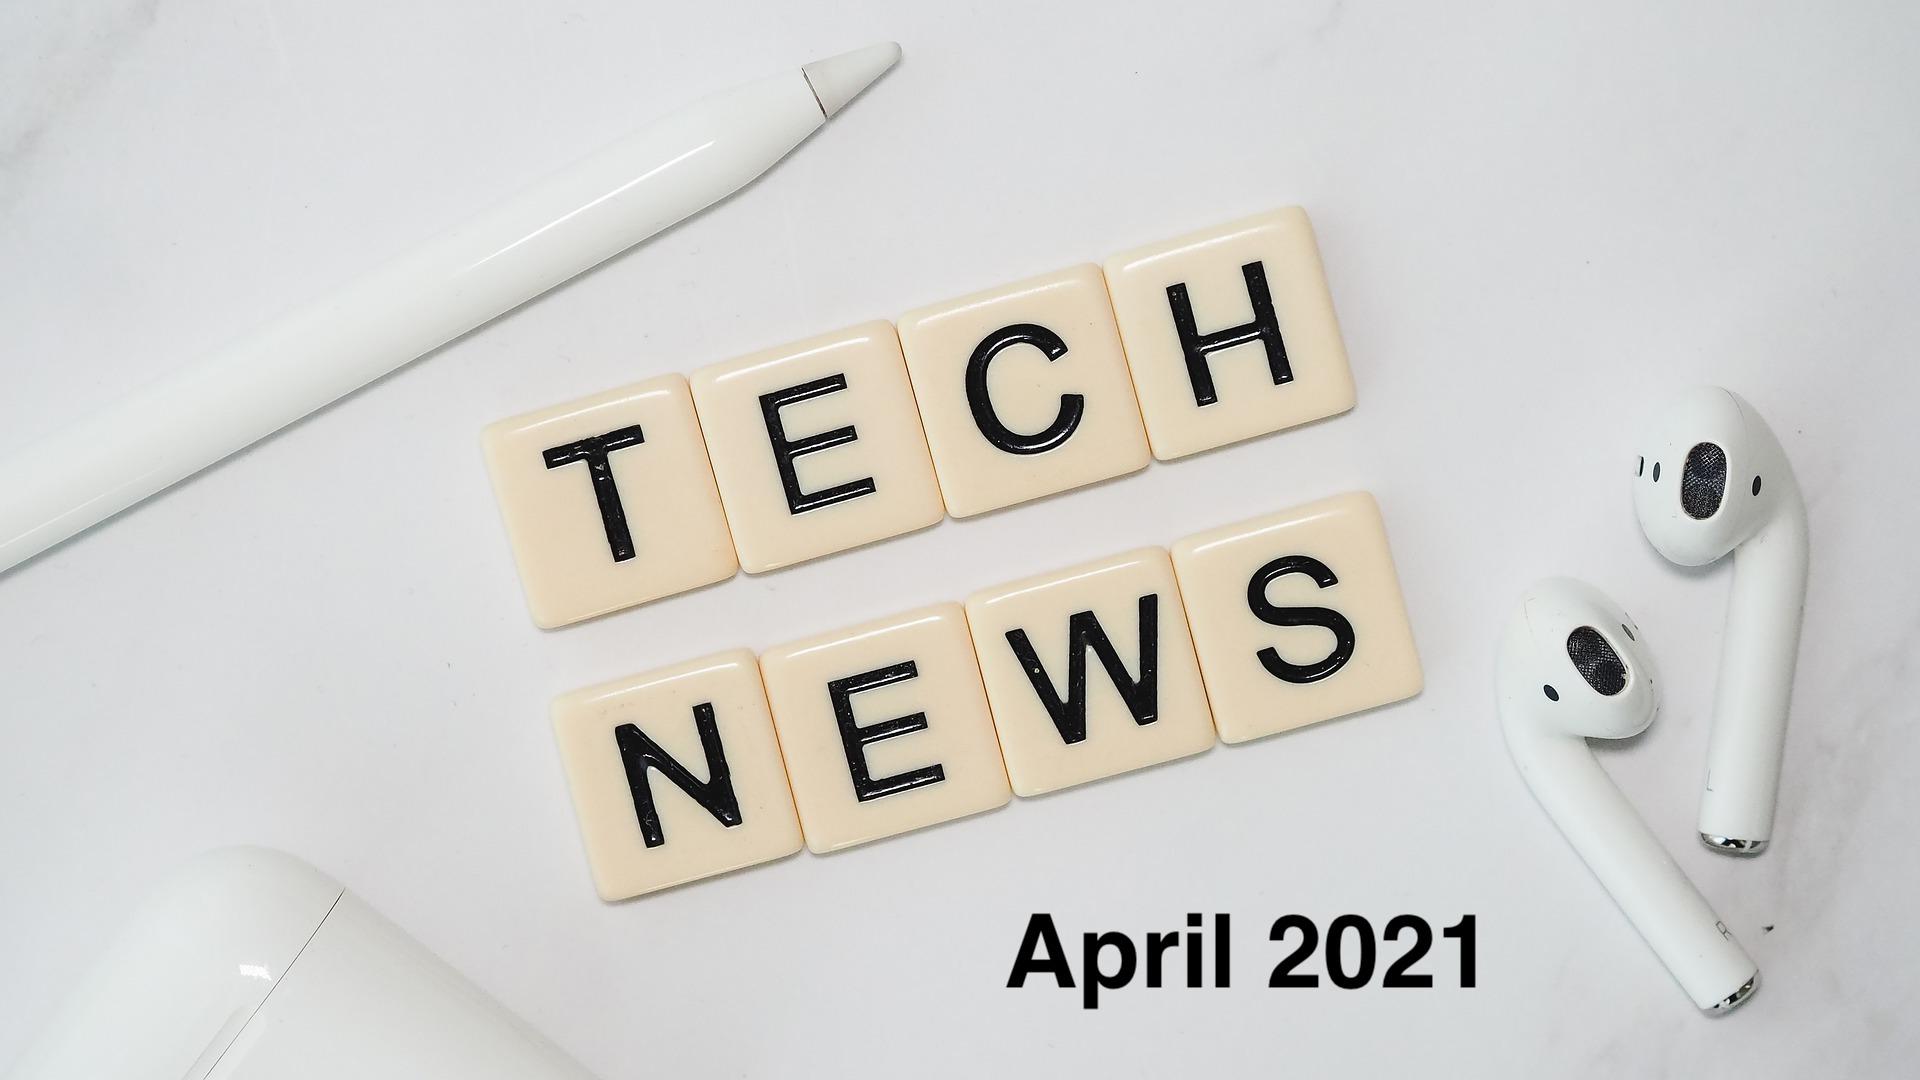 china tech news april 2021